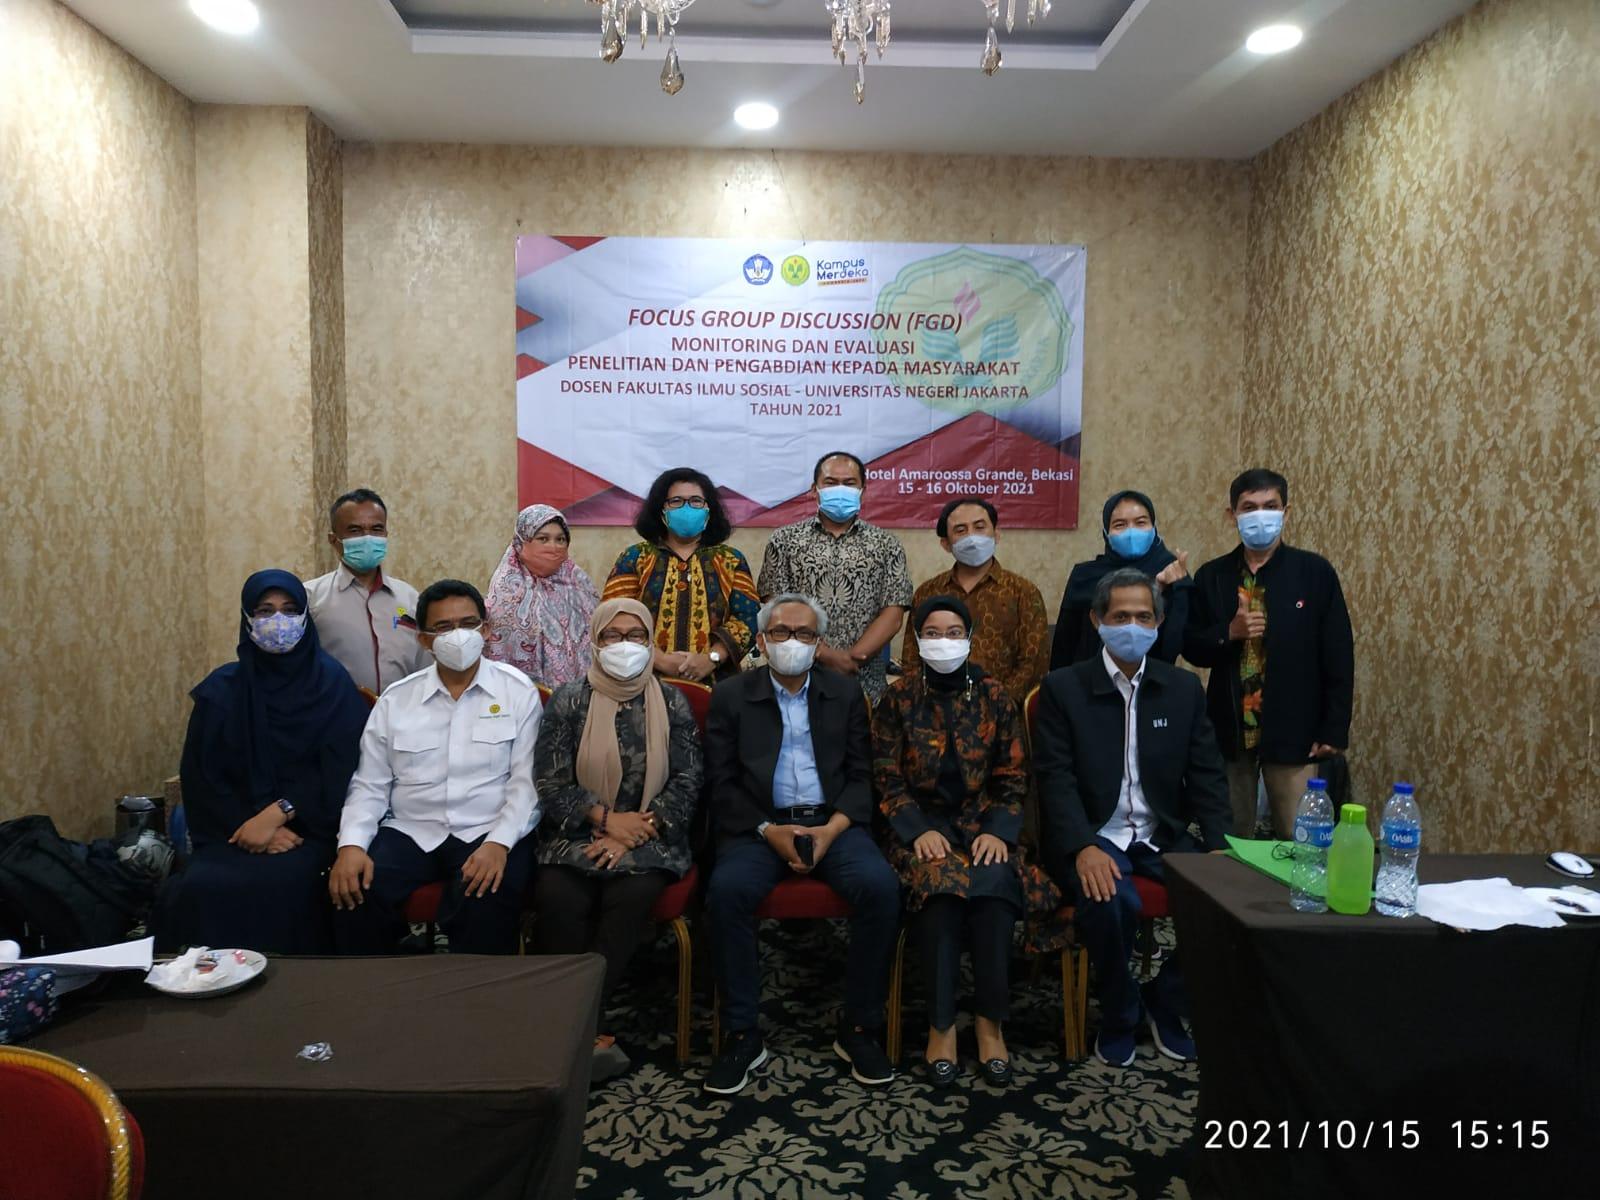 Monitoring dan Evaluasi Penelitian dan Pengabdian Kepada Masyarakat Fakultas Ilmu Sosial UNJ